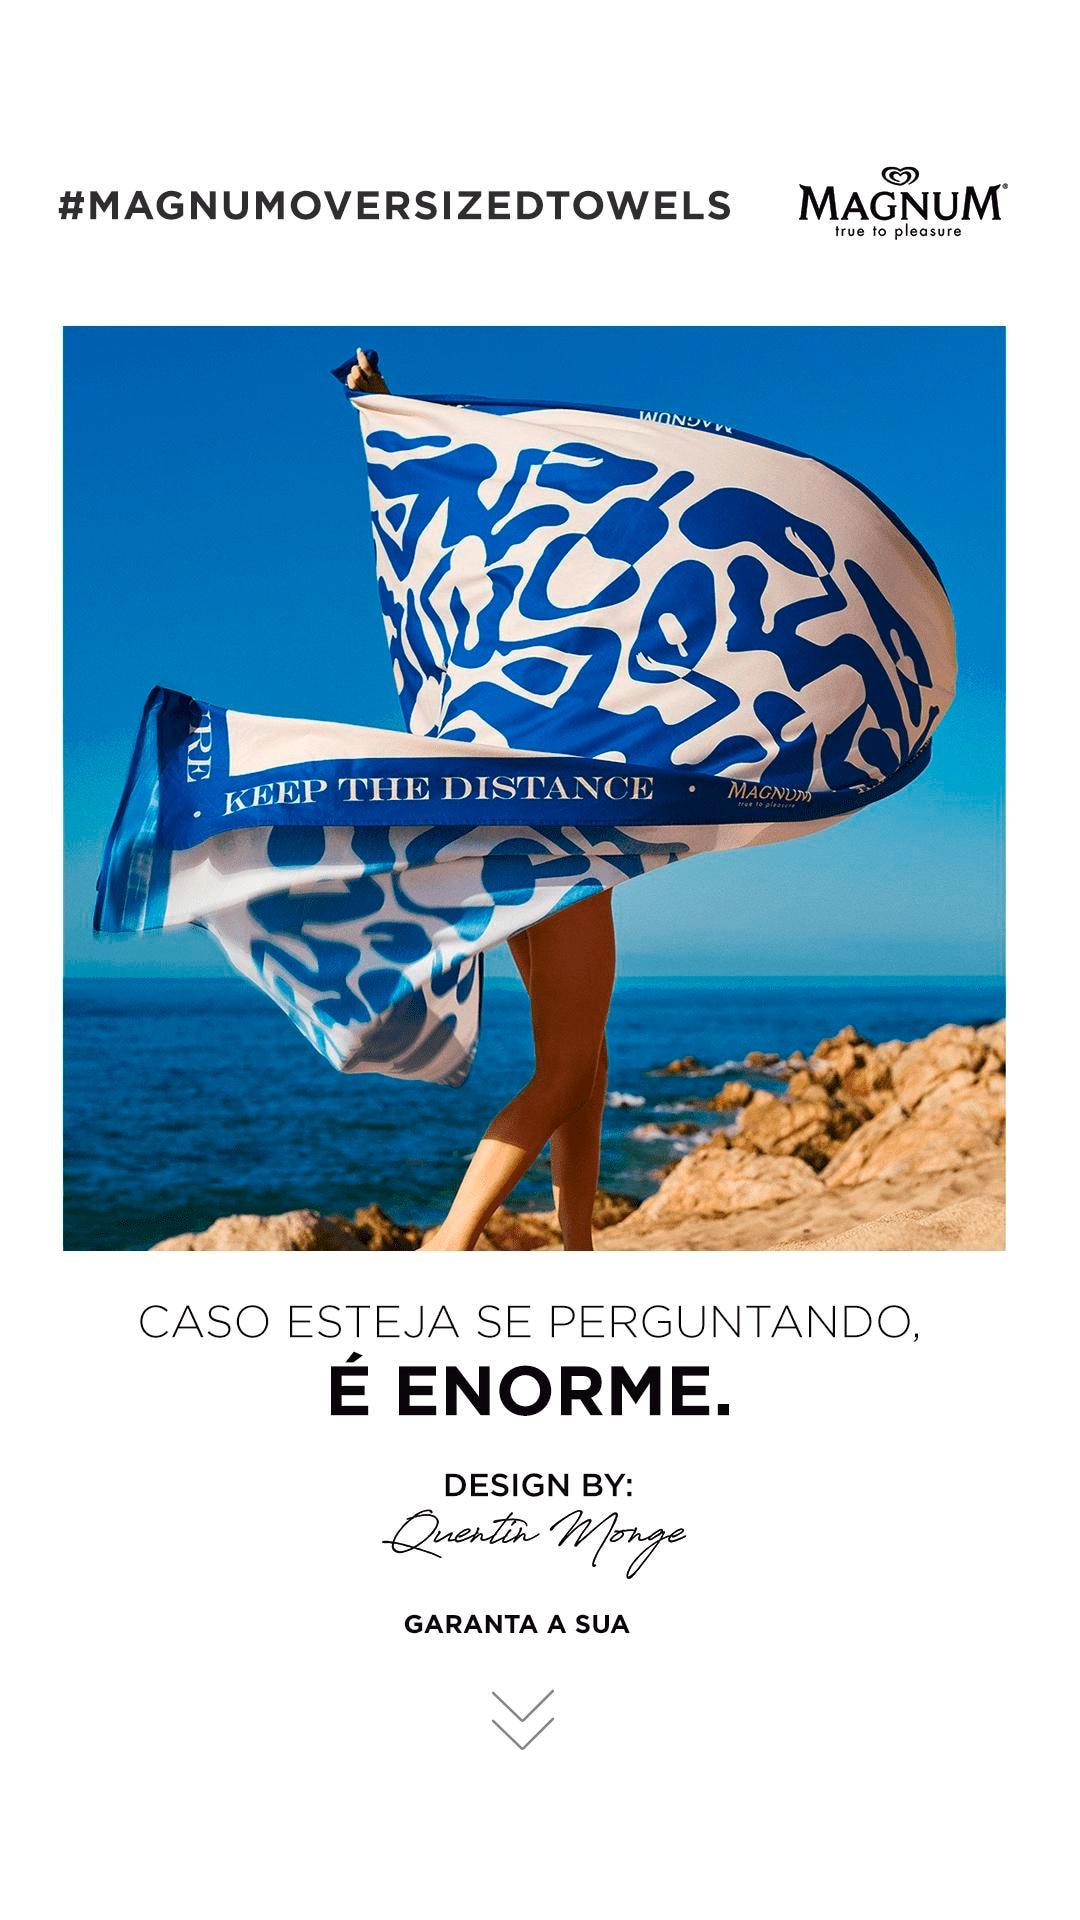 Foto da toalha projetada por Quentin Monge. Abaixo, a frase: Caso esteja se perguntando, é enorme. Seta para baixo indicando um botão para garantir a sua toalha.